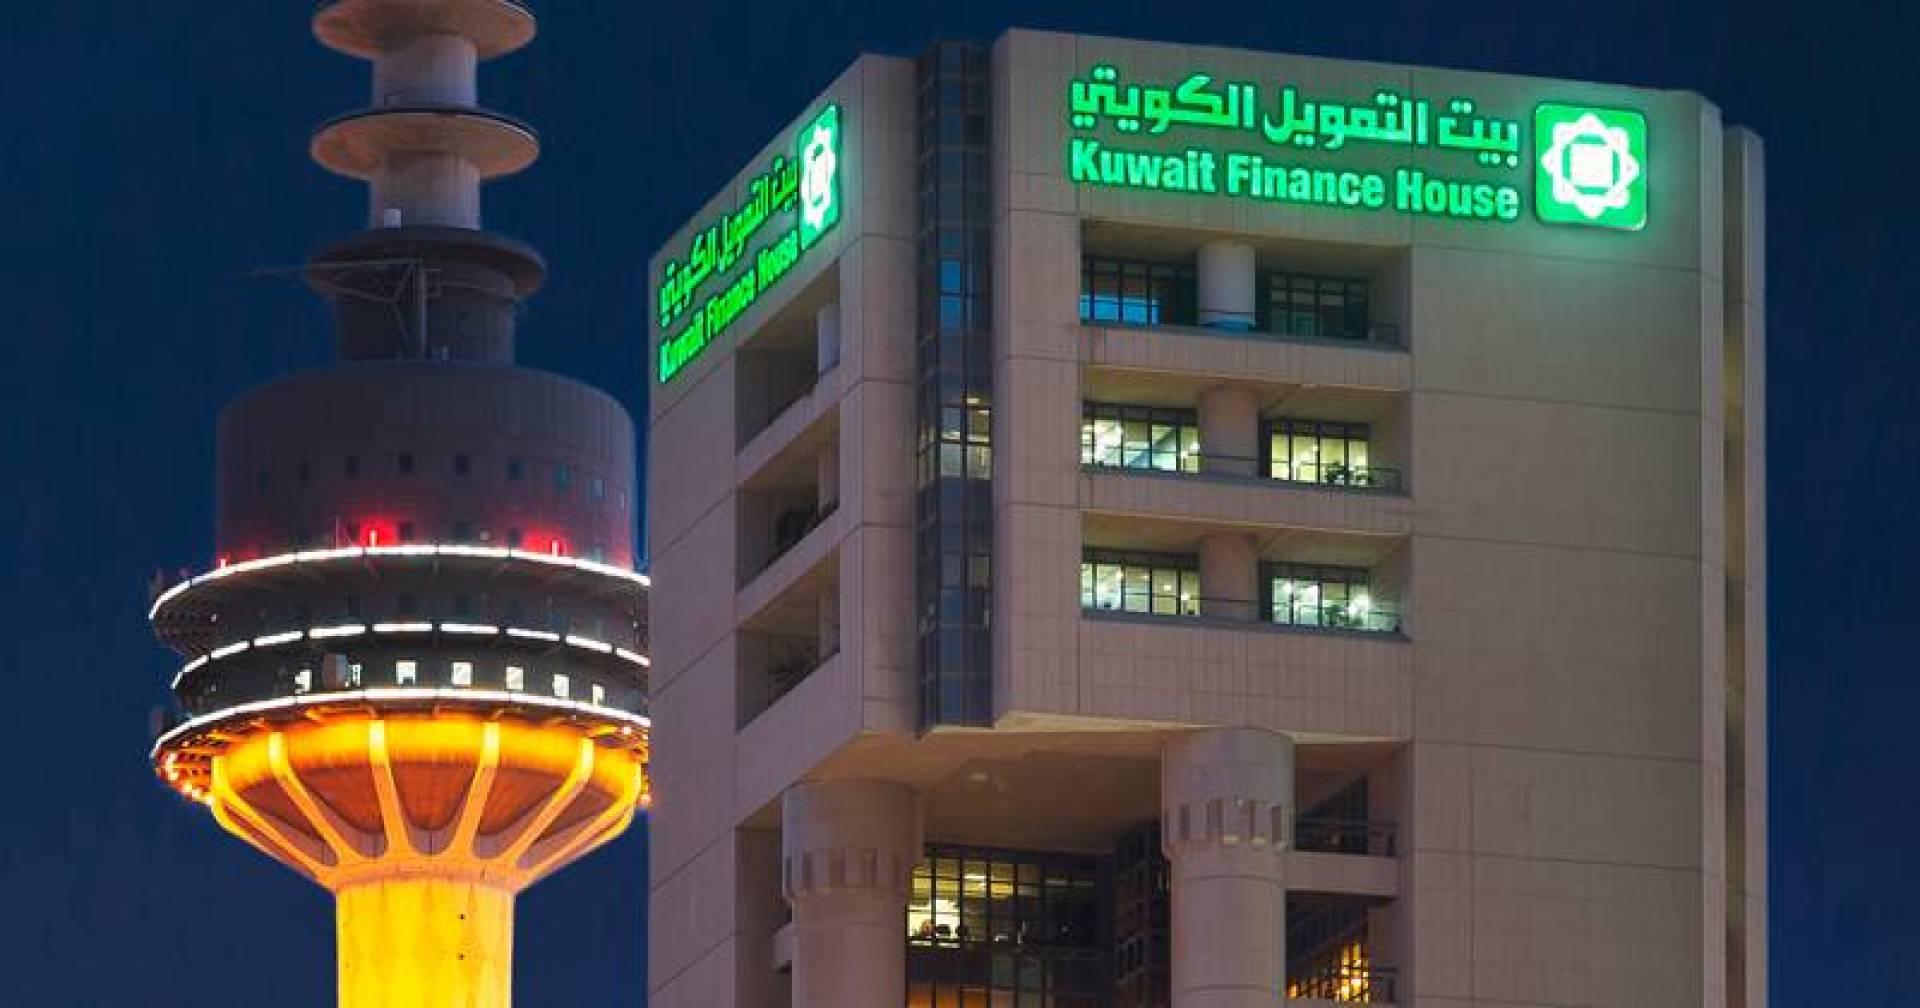 «S&P»: «بيتك» ثاني أكبر البنوك الإسلامية الخليجية